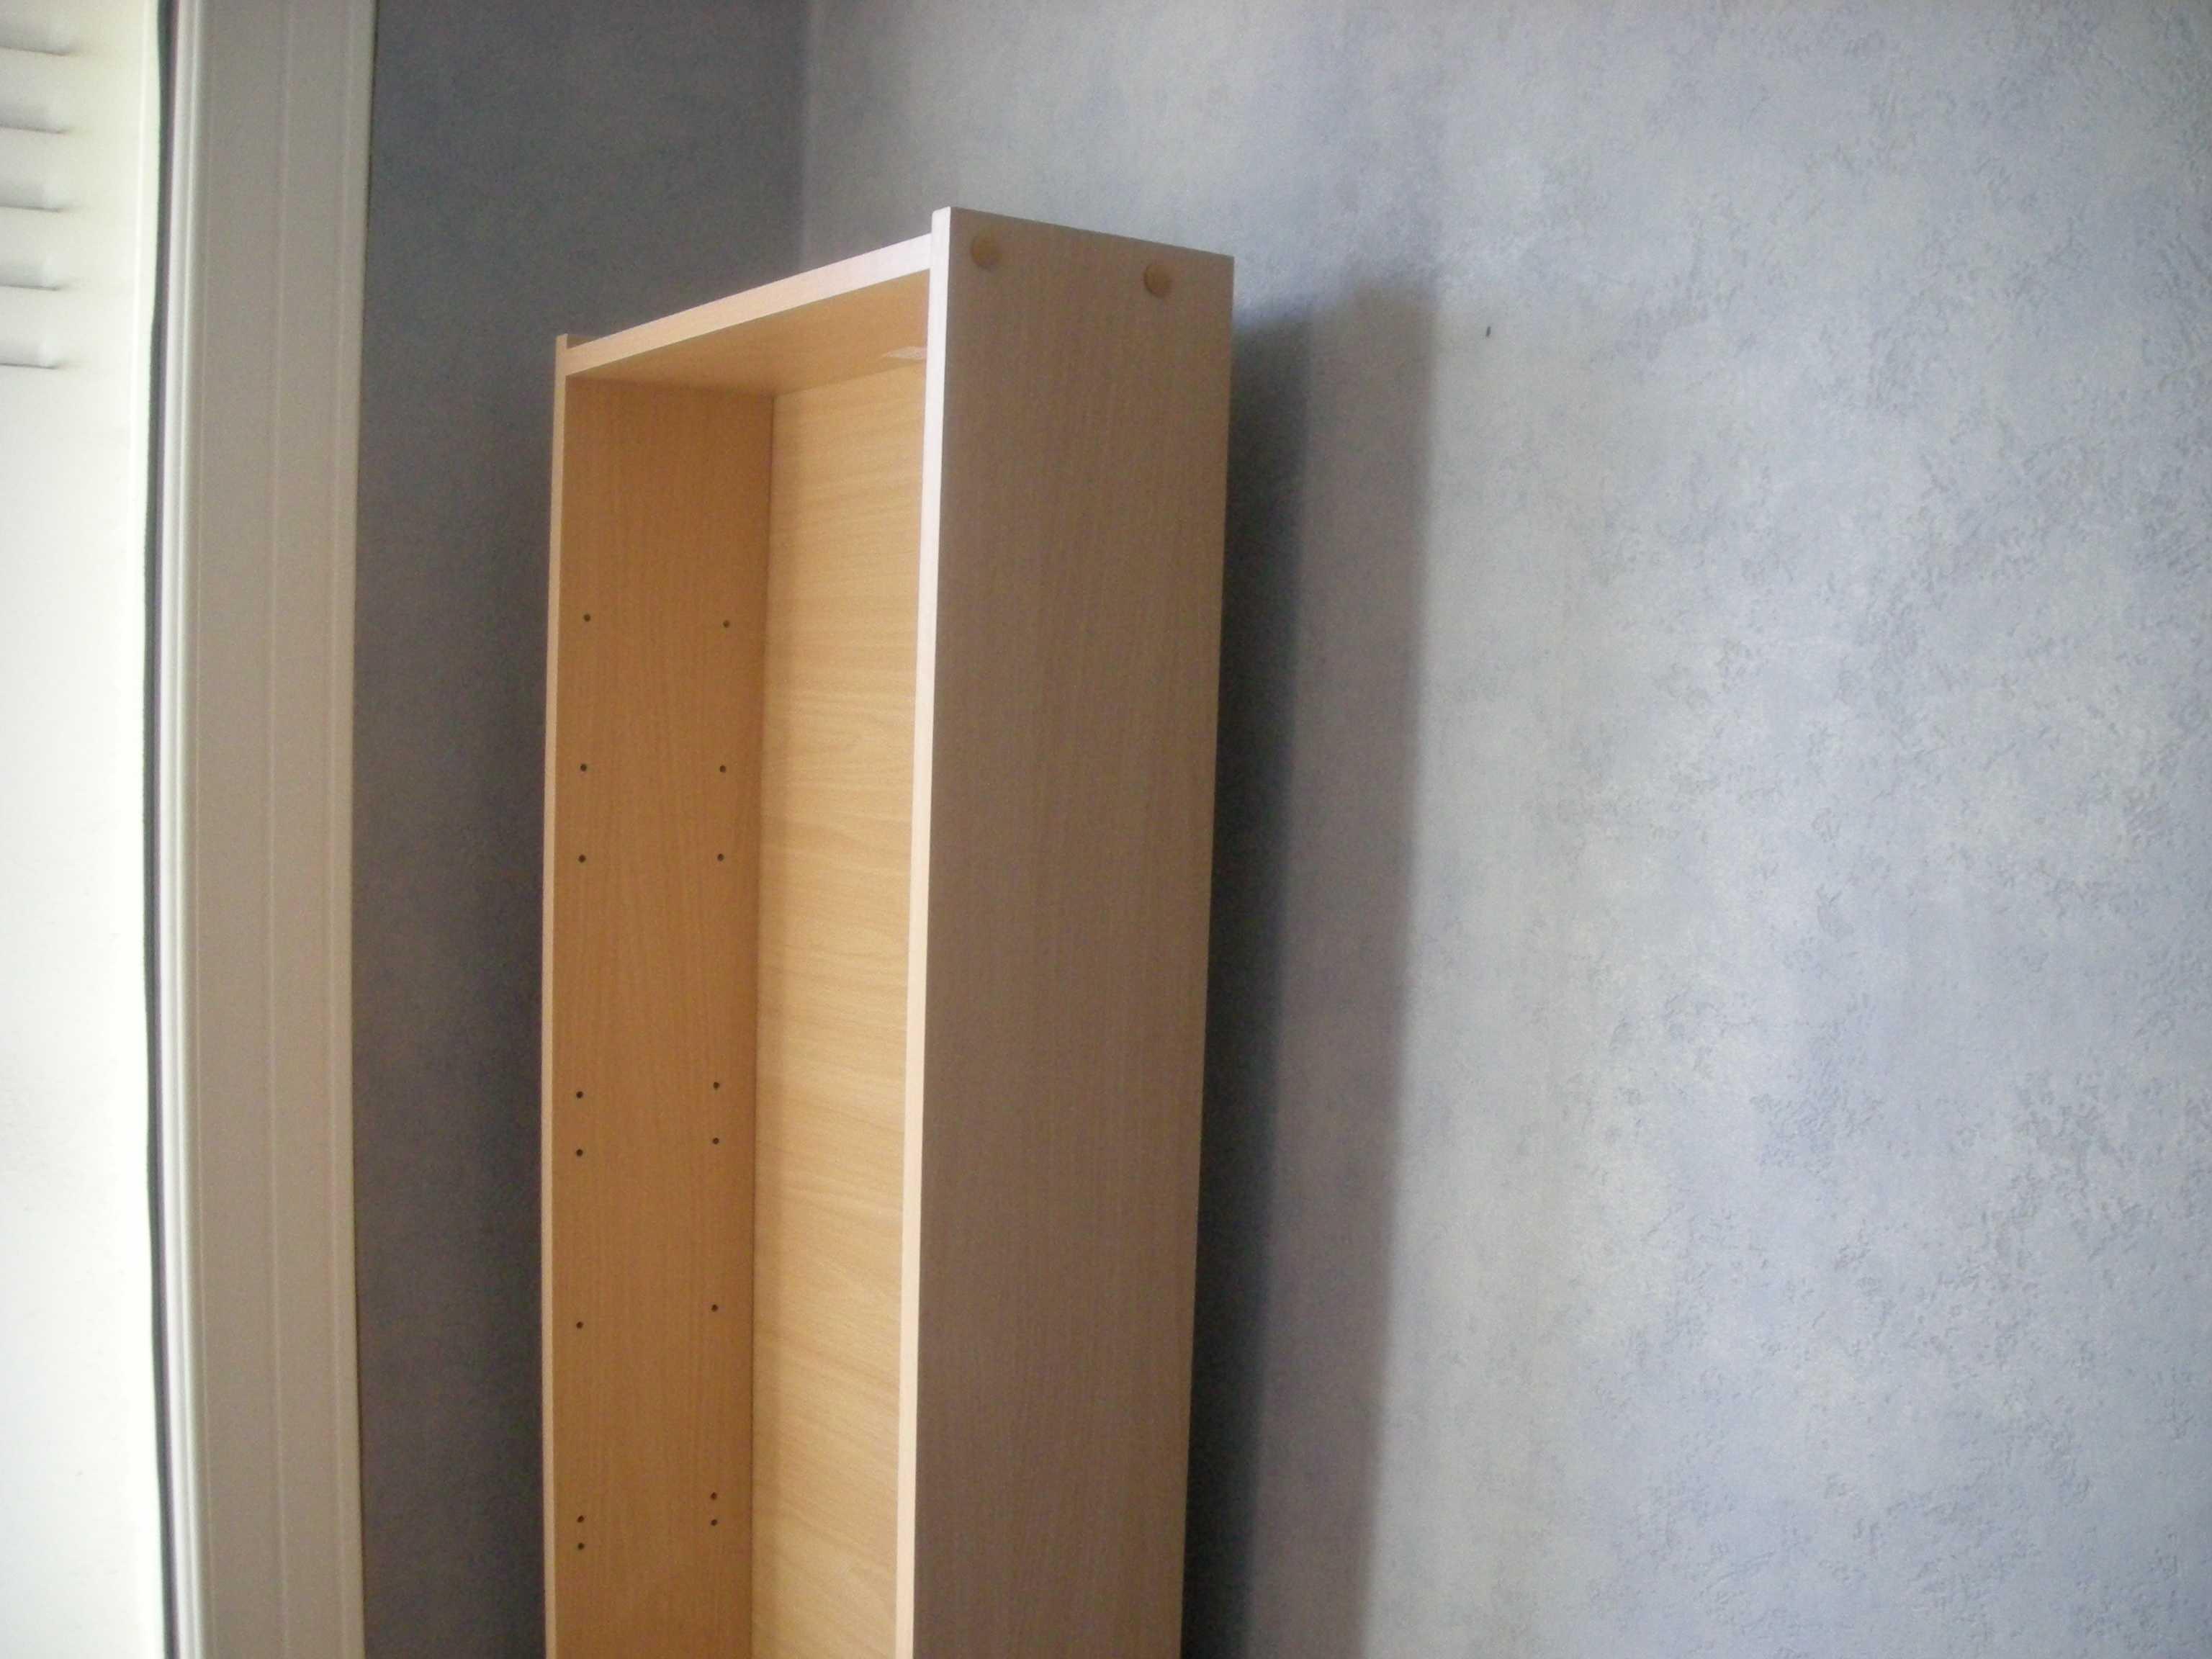 lavabo a fixer au mur id es de conception sont int ressants votre d cor. Black Bedroom Furniture Sets. Home Design Ideas